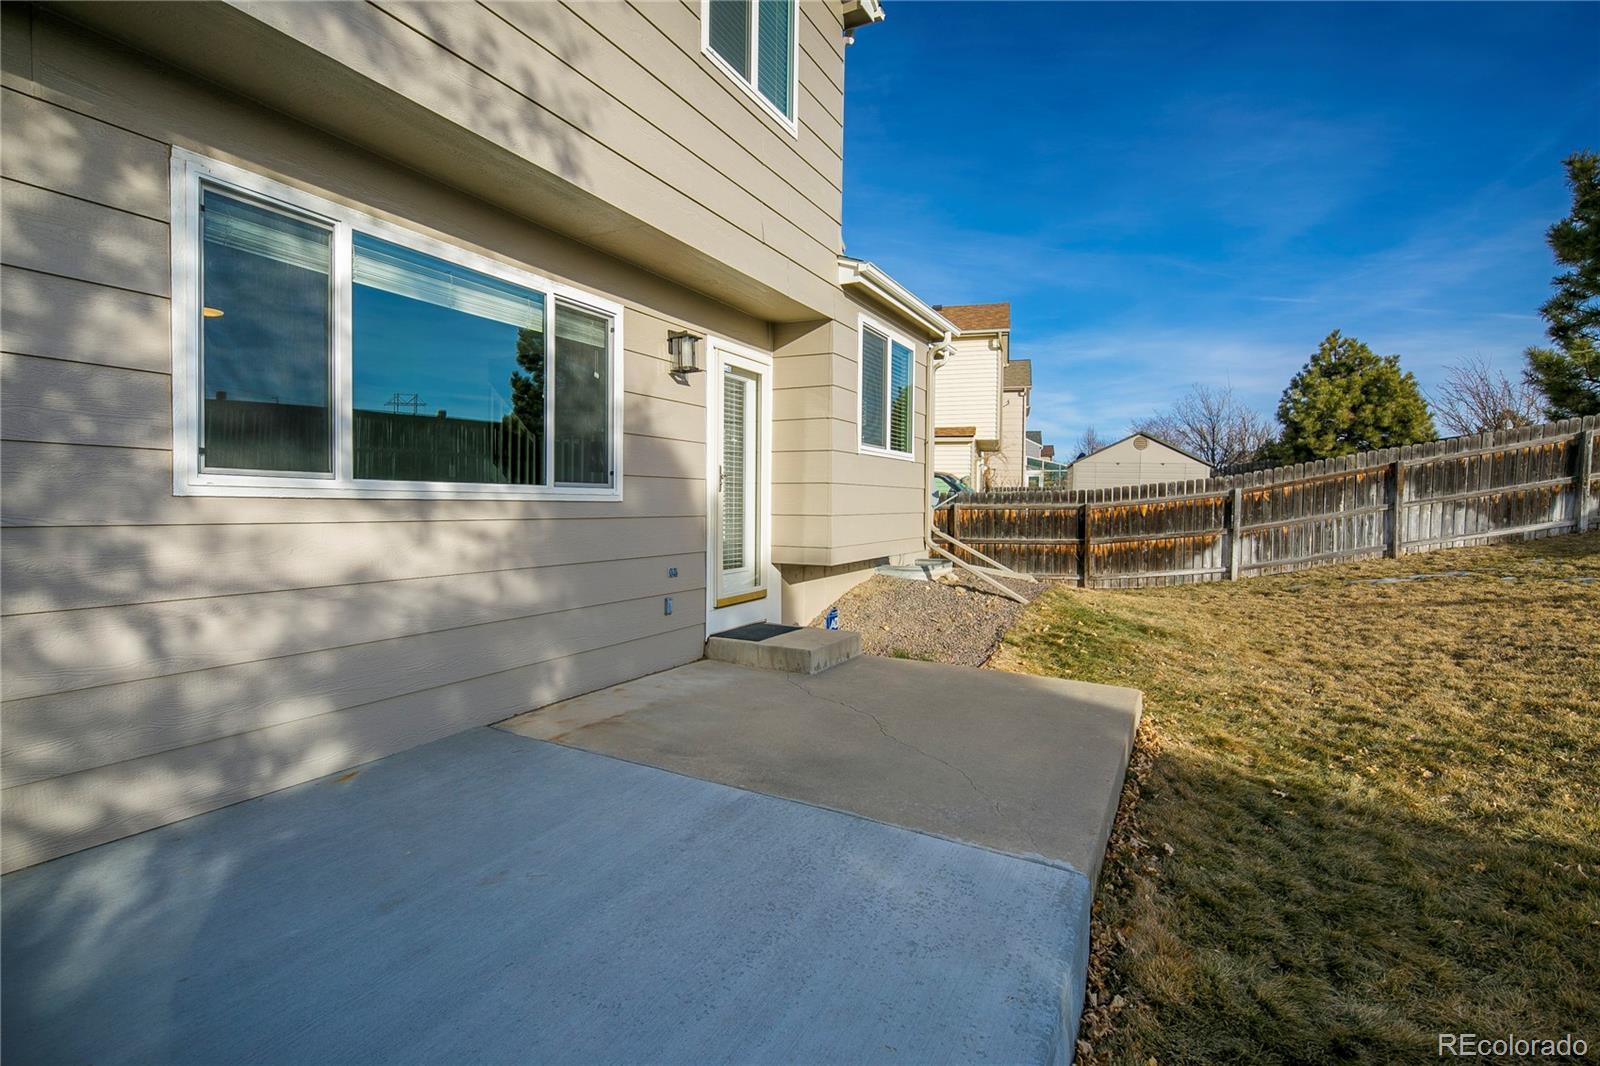 MLS# 6197336 - 8 - 4336 Decatur Avenue, Castle Rock, CO 80104